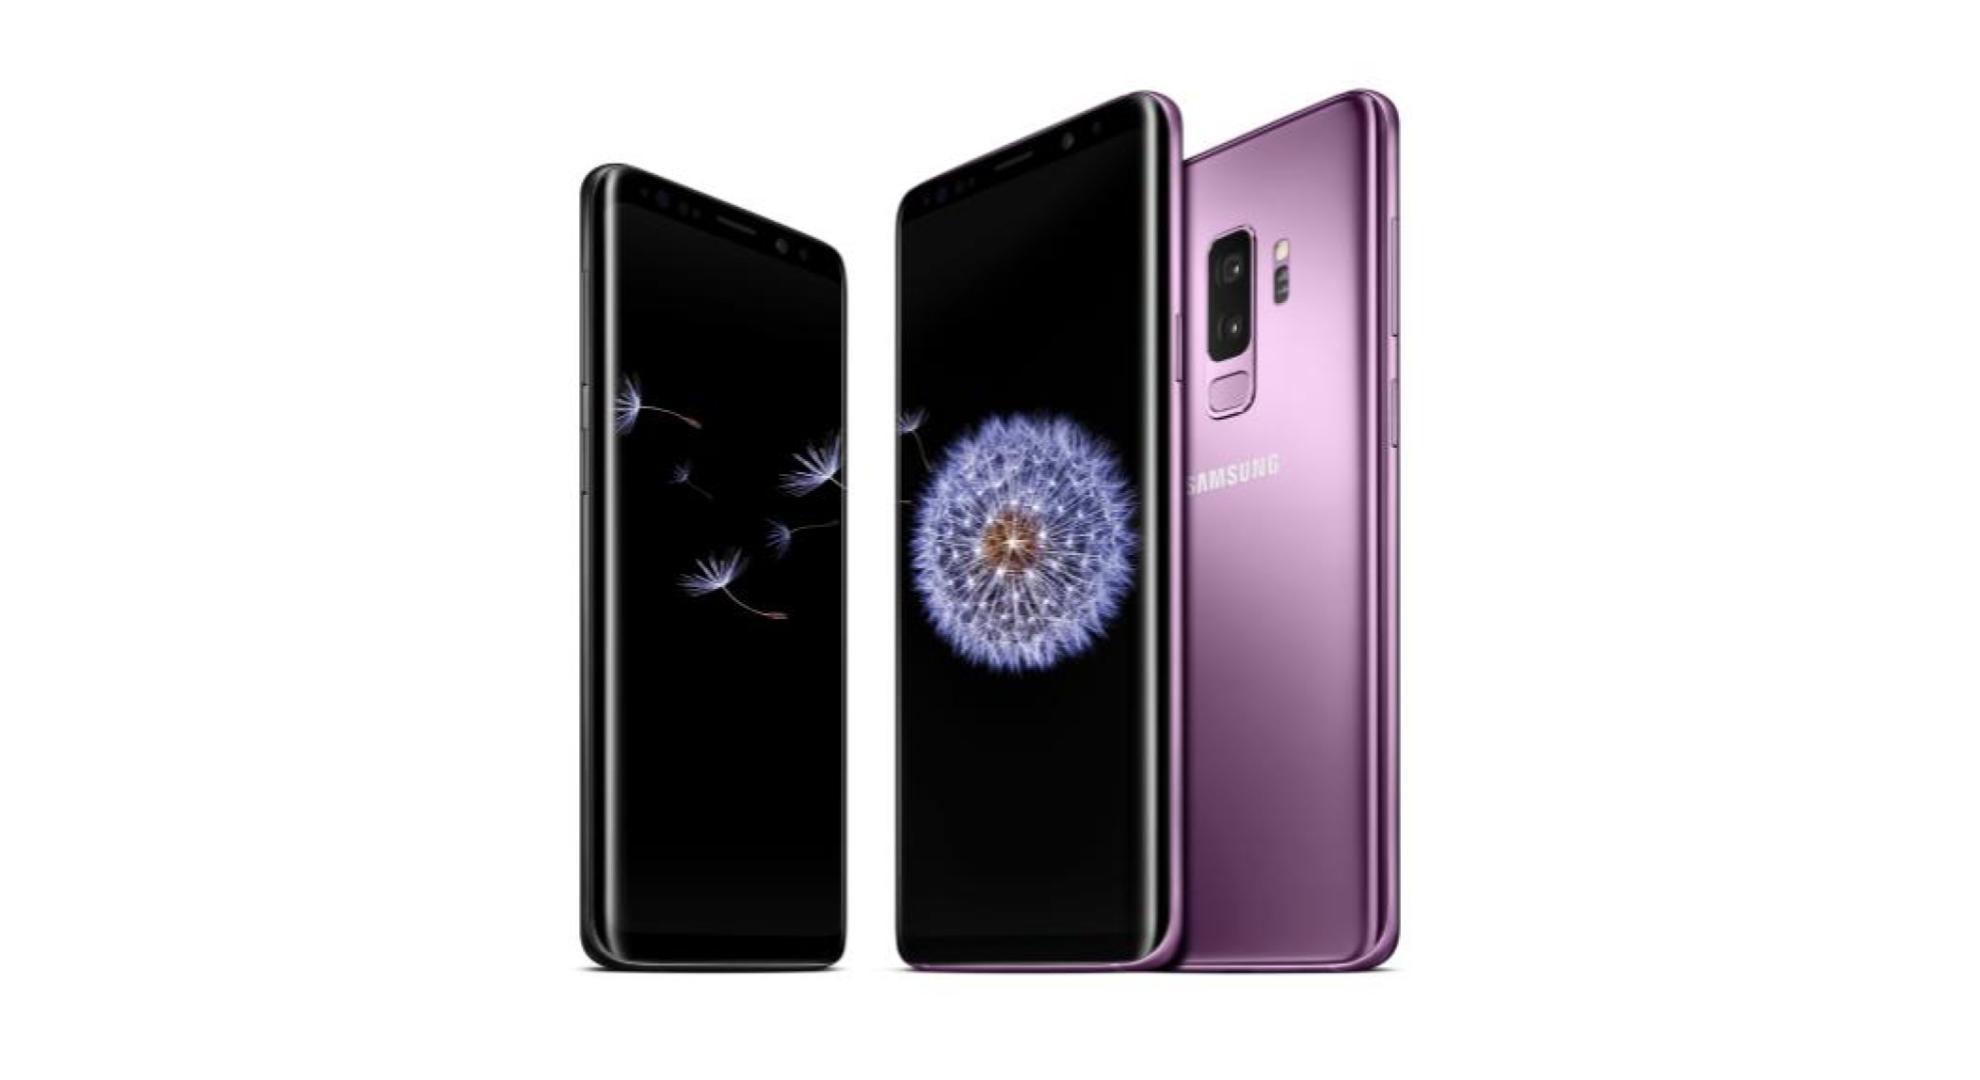 Où acheter les Samsung Galaxy S9 et S9 Plus au meilleur prix en 2020 ?